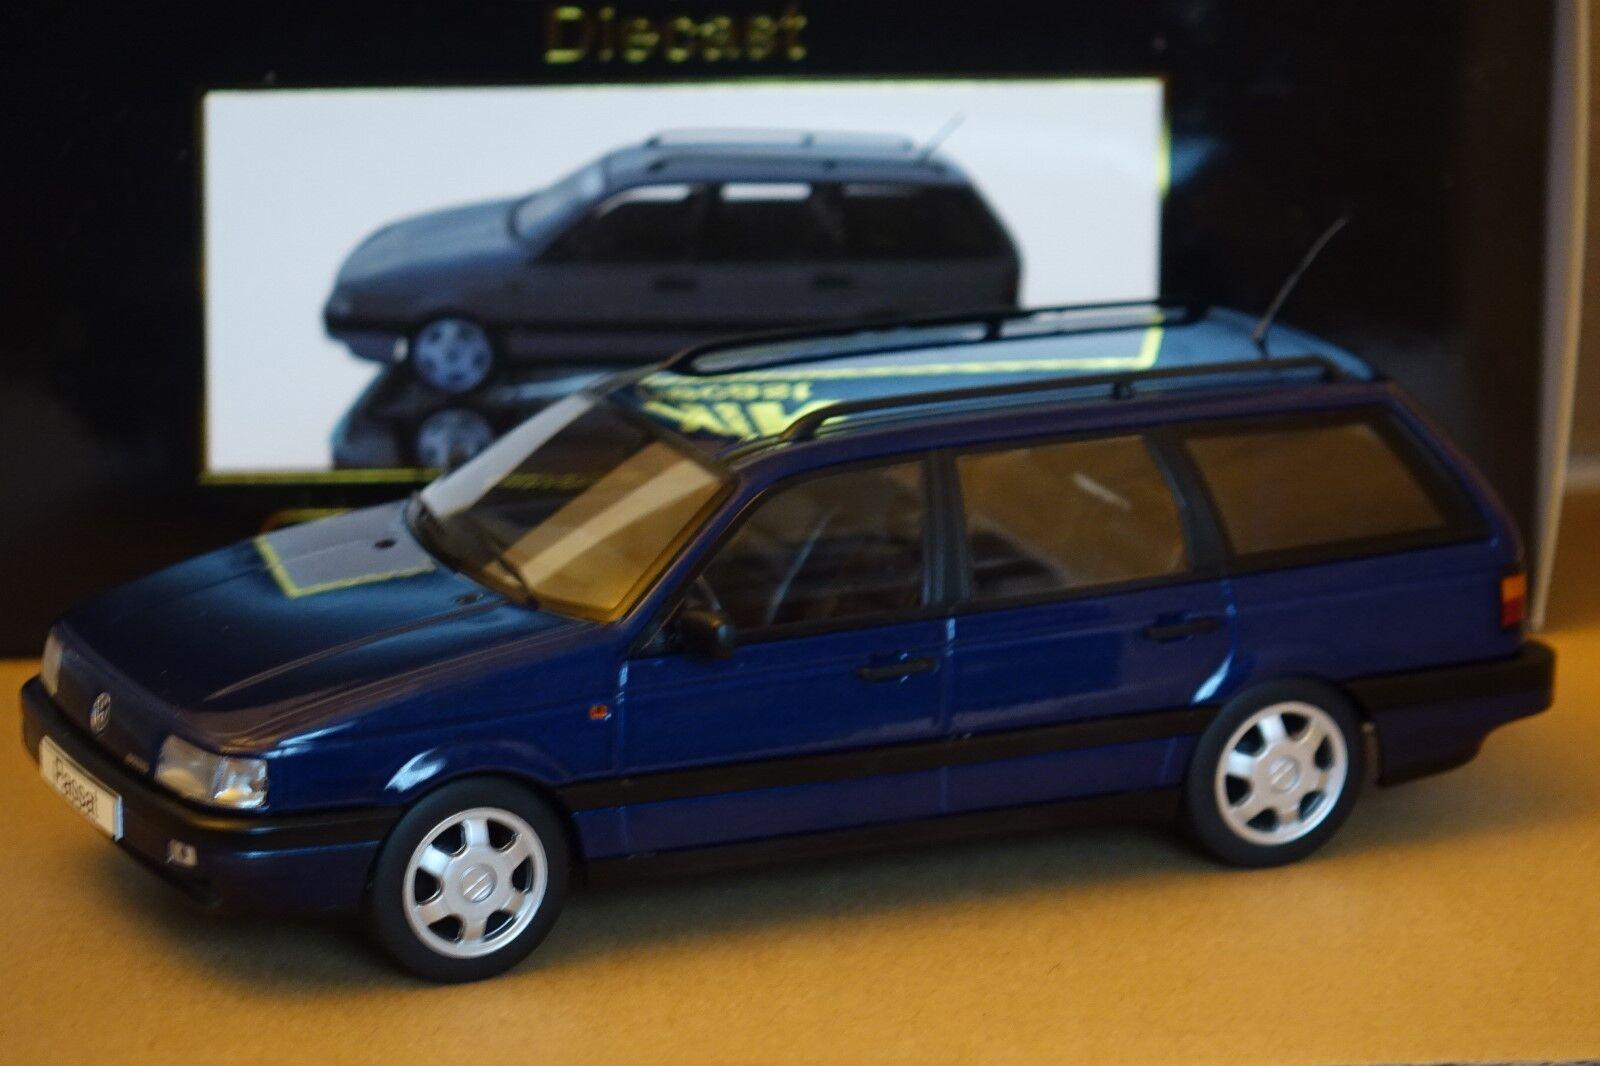 VW Passat Variant bleu métallisé 1 18 1 of 1000 KK-Scale NOUVEAU & NEUF dans sa boîte 180073